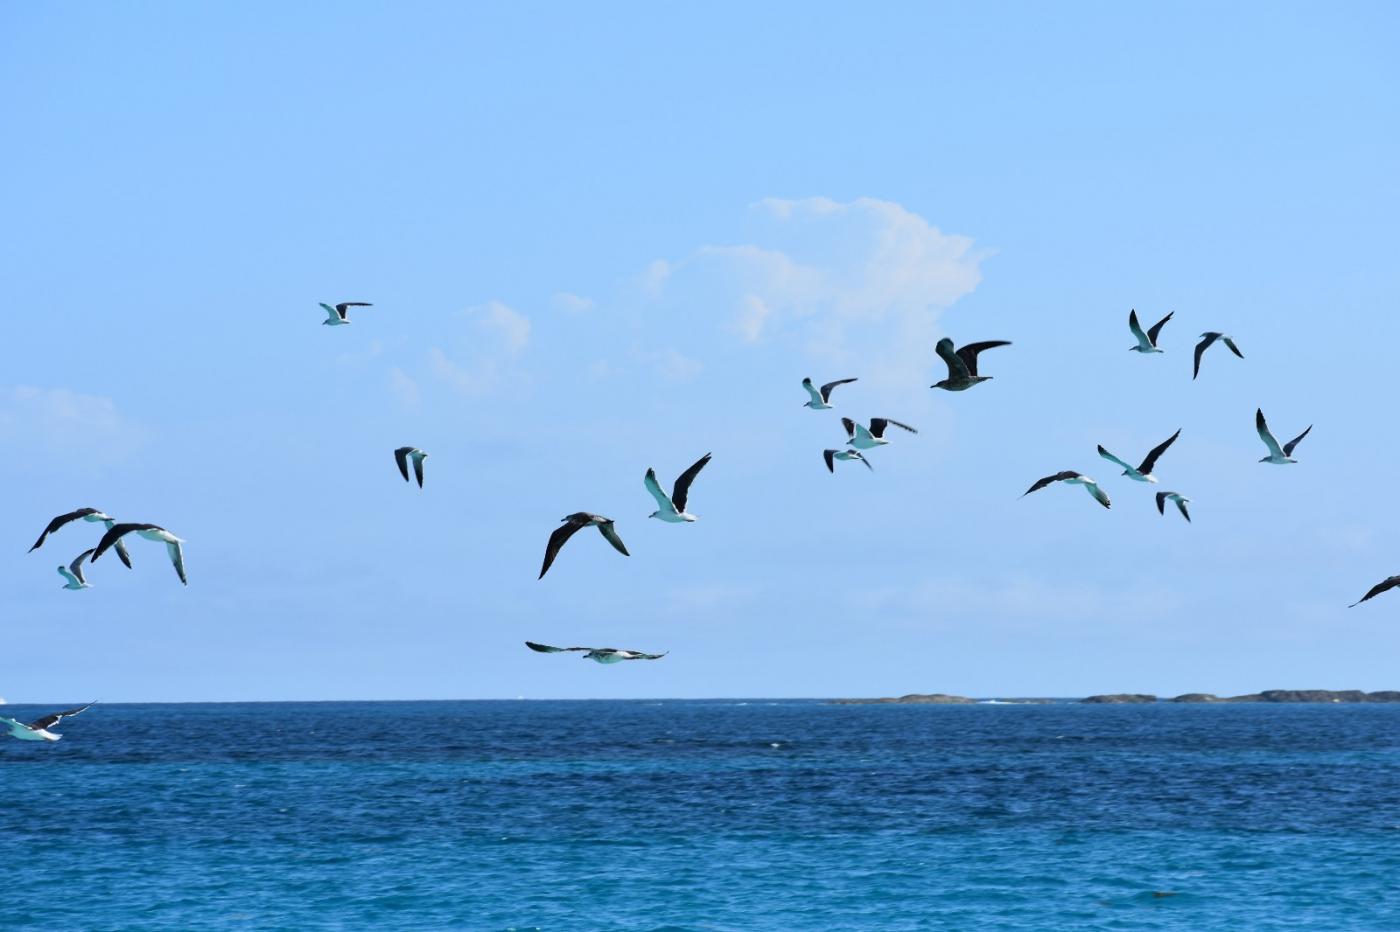 海鸥飞翔_图1-31